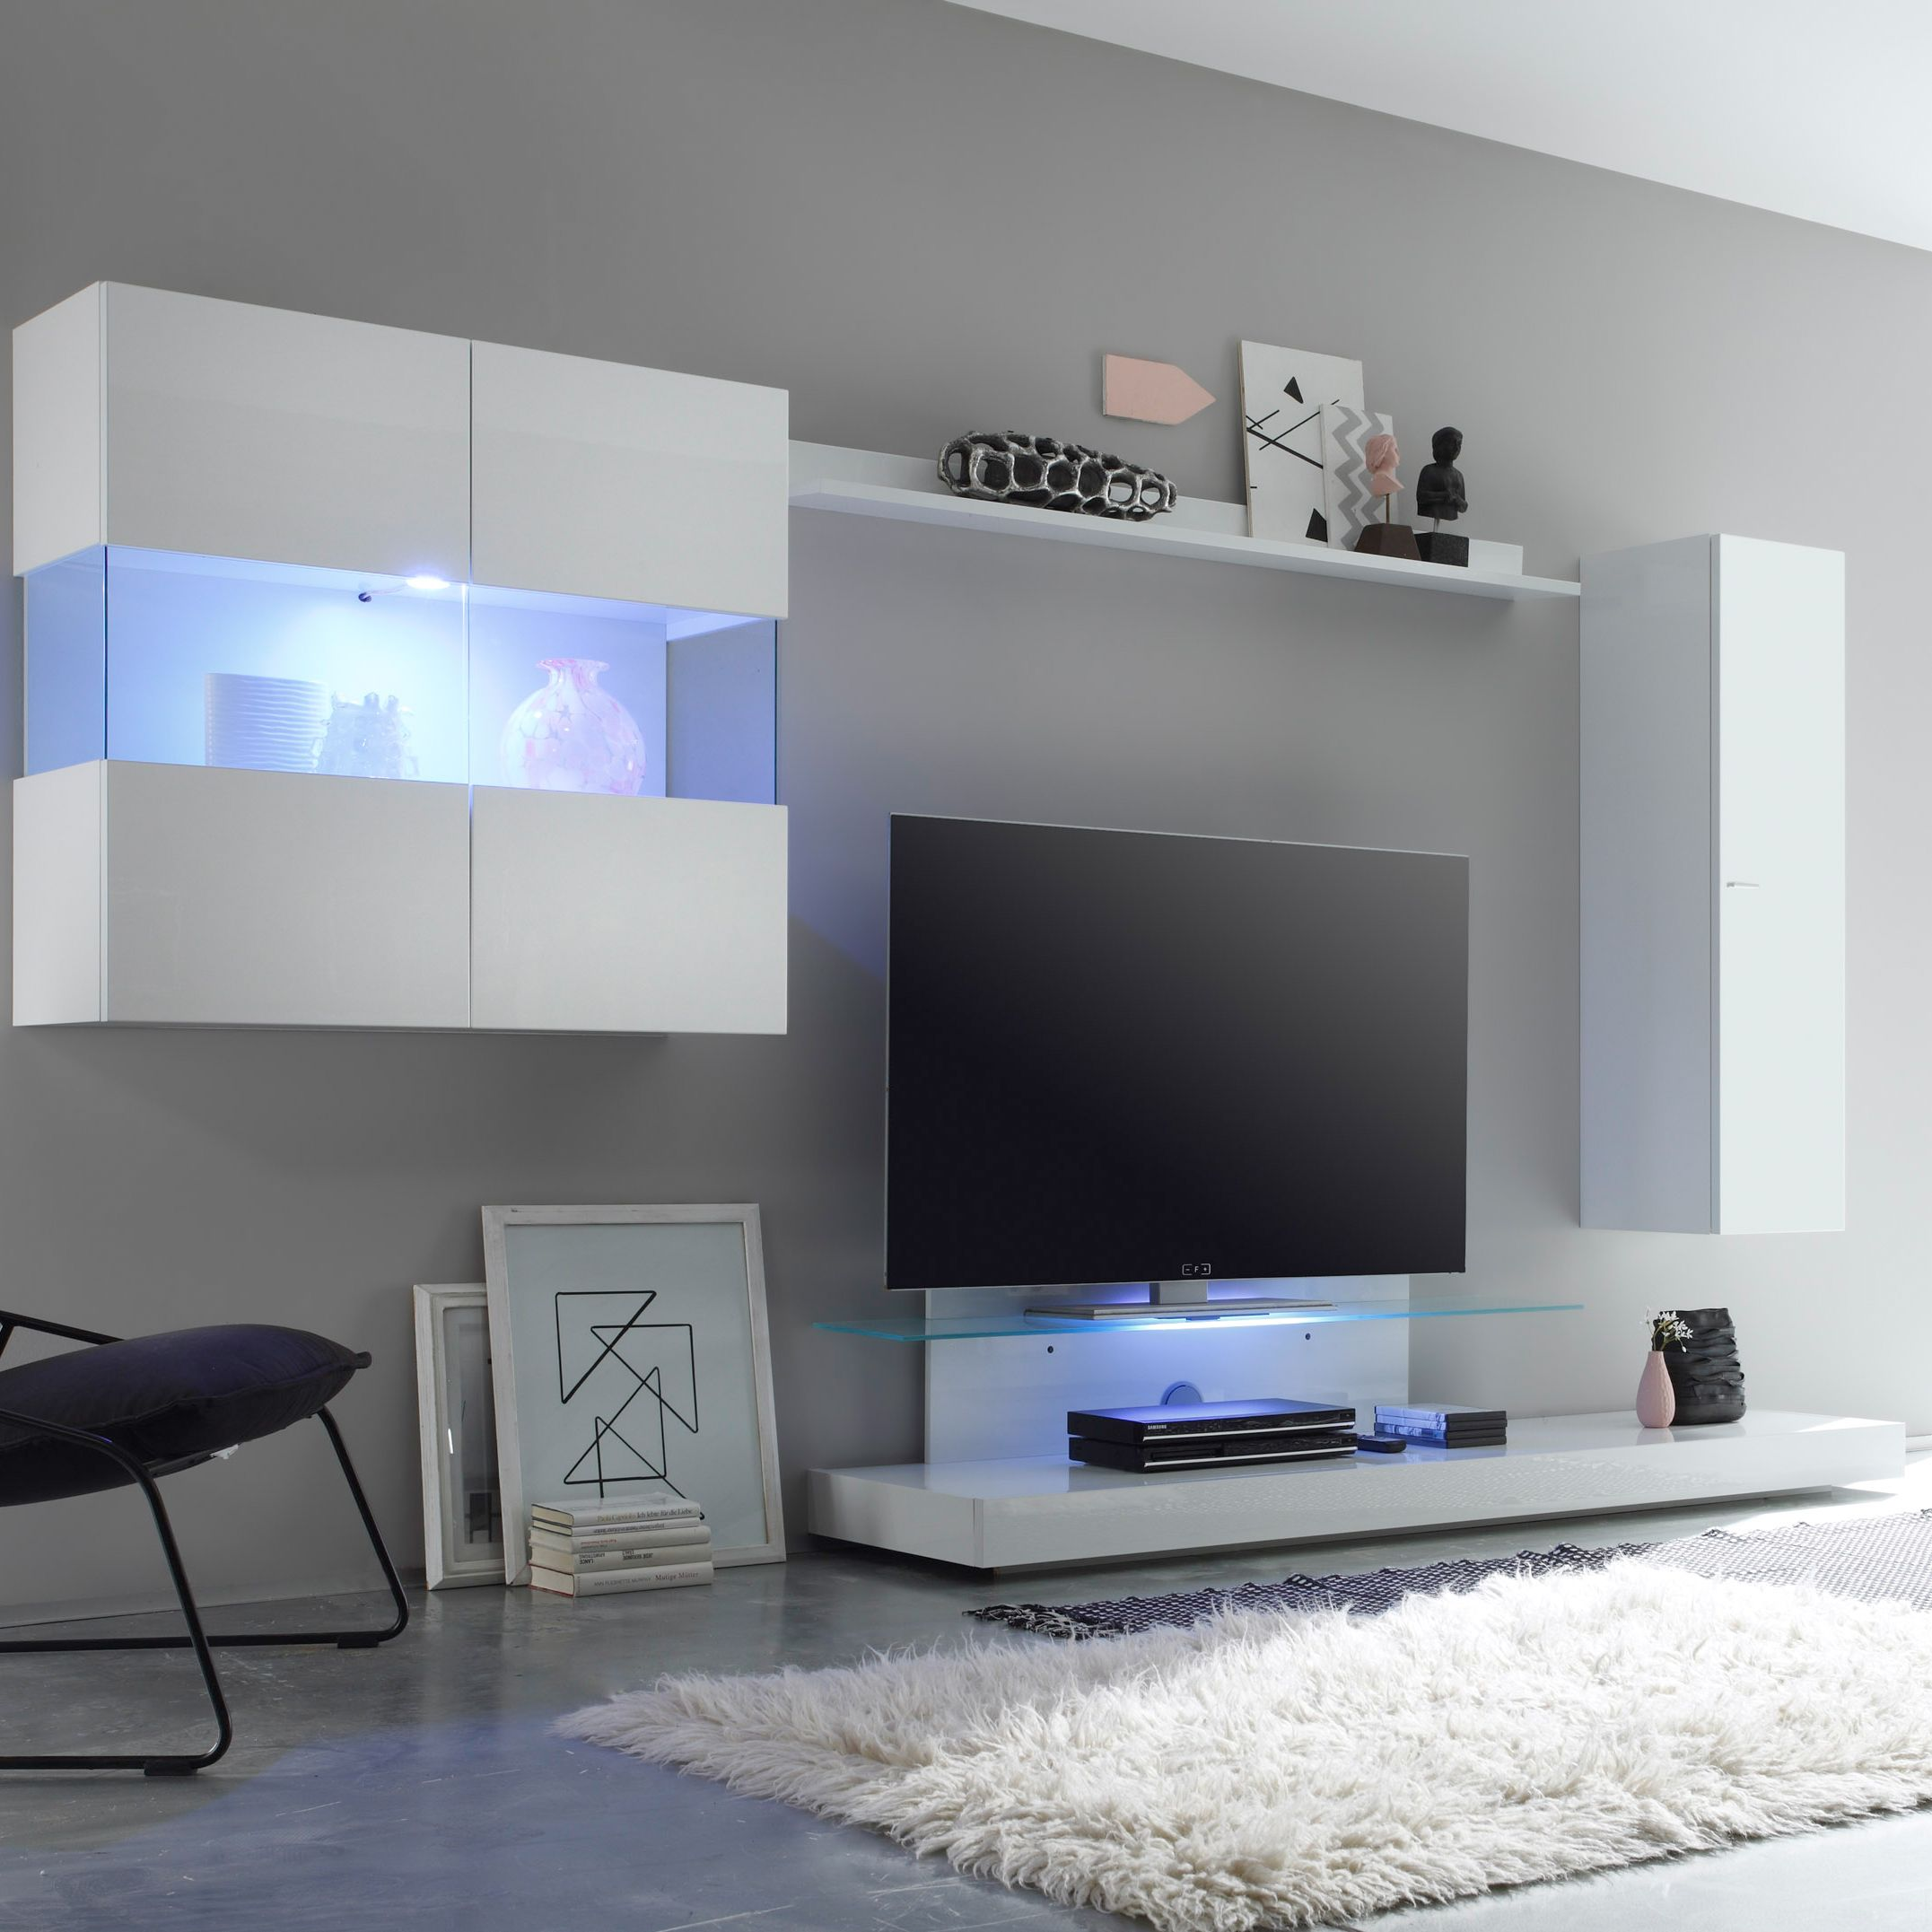 Wohnwand design  Klare Linien und ein hervorragendes #Design sind die wesentlichen ...